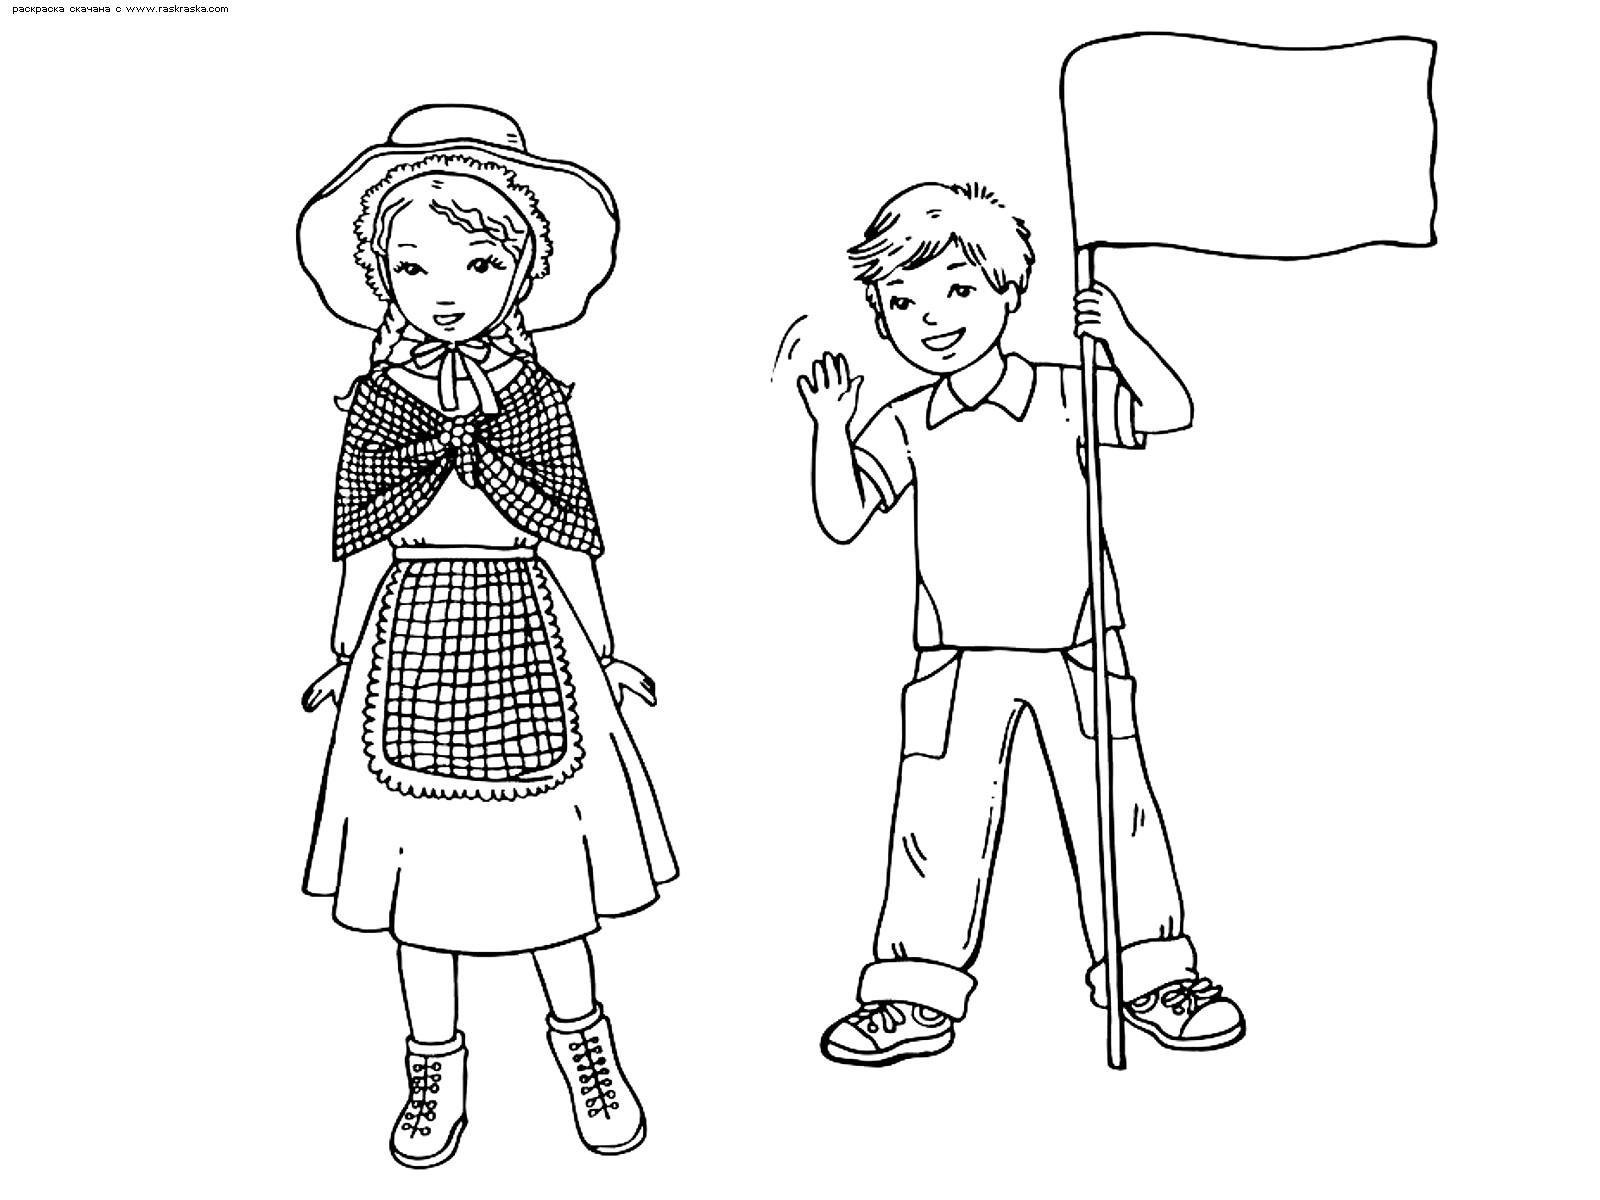 Раскраска Английские дети. Раскраска англия